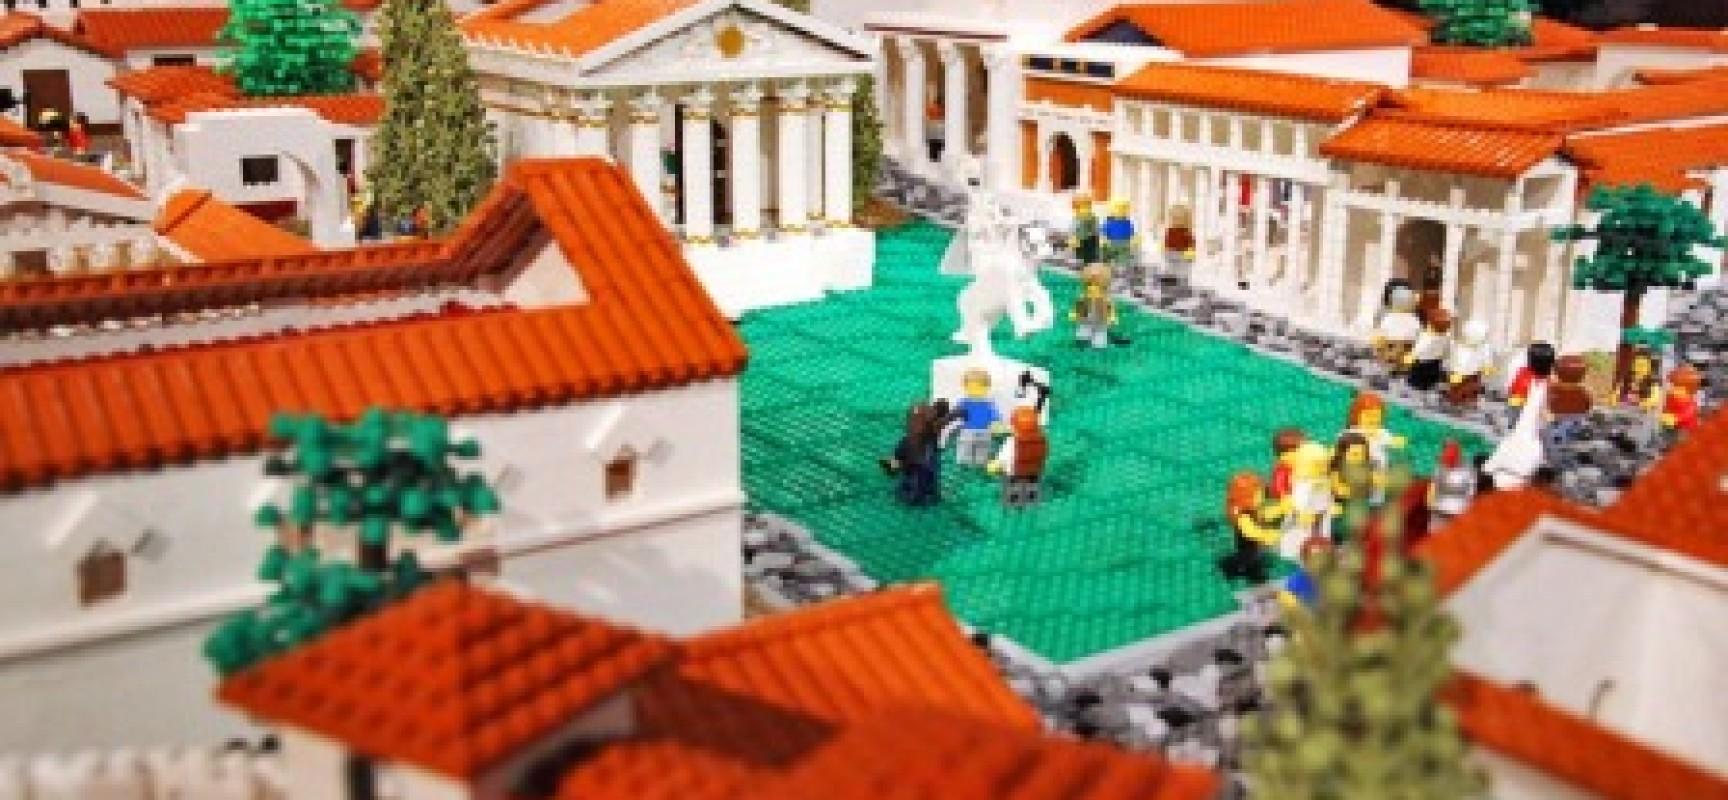 Pompei ricostruita in Lego